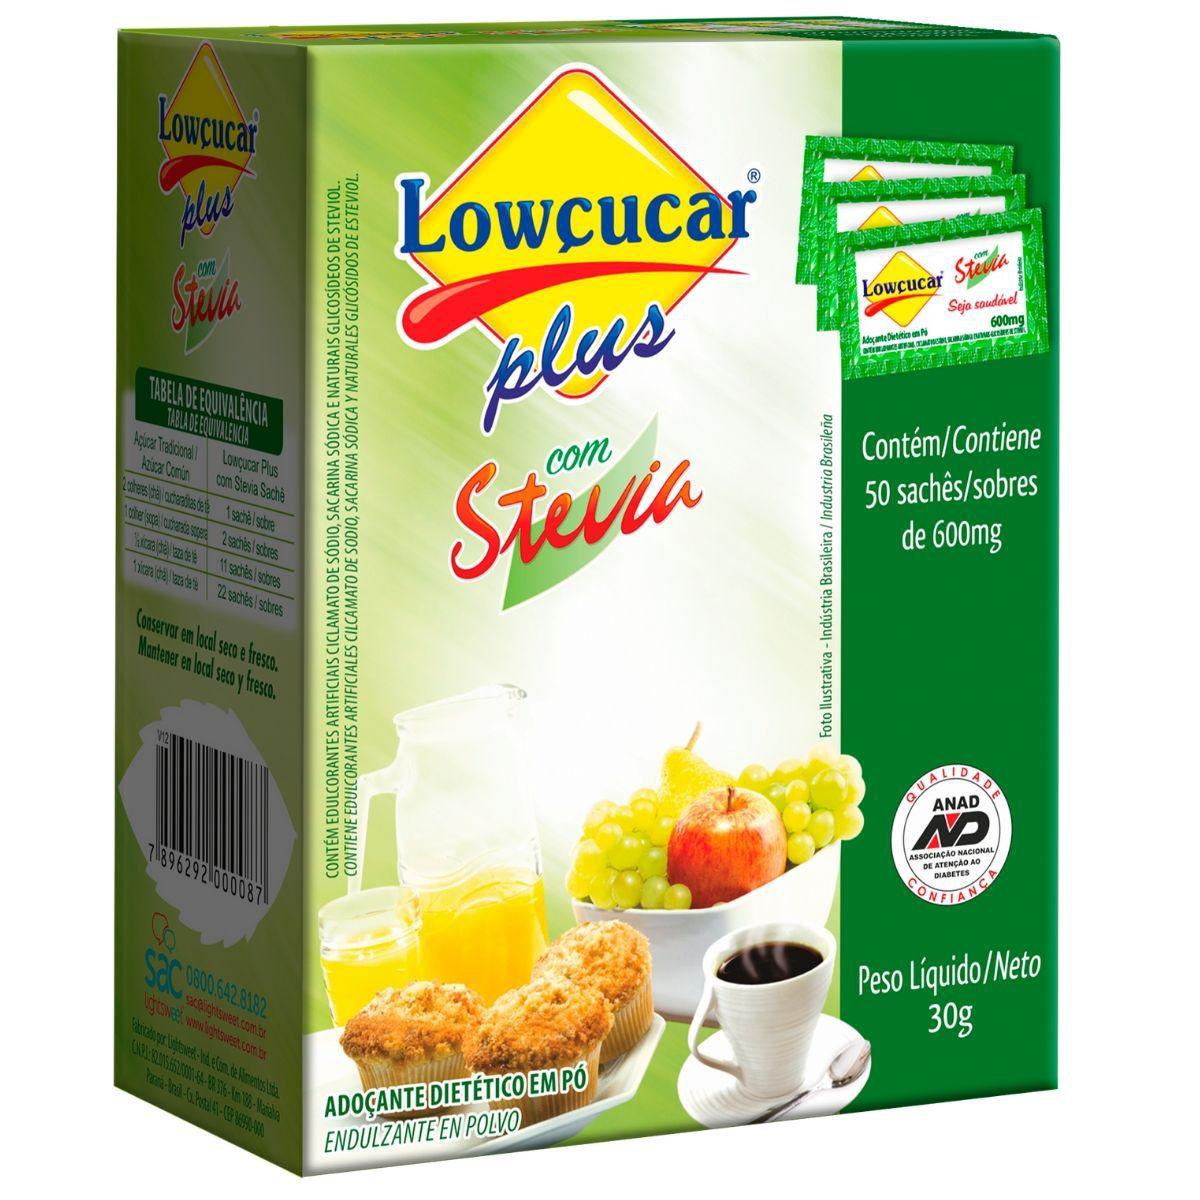 Adoçante Dietético C/ Stevia Em Pó 50 Sachês 600mg - Lowçucar Plus